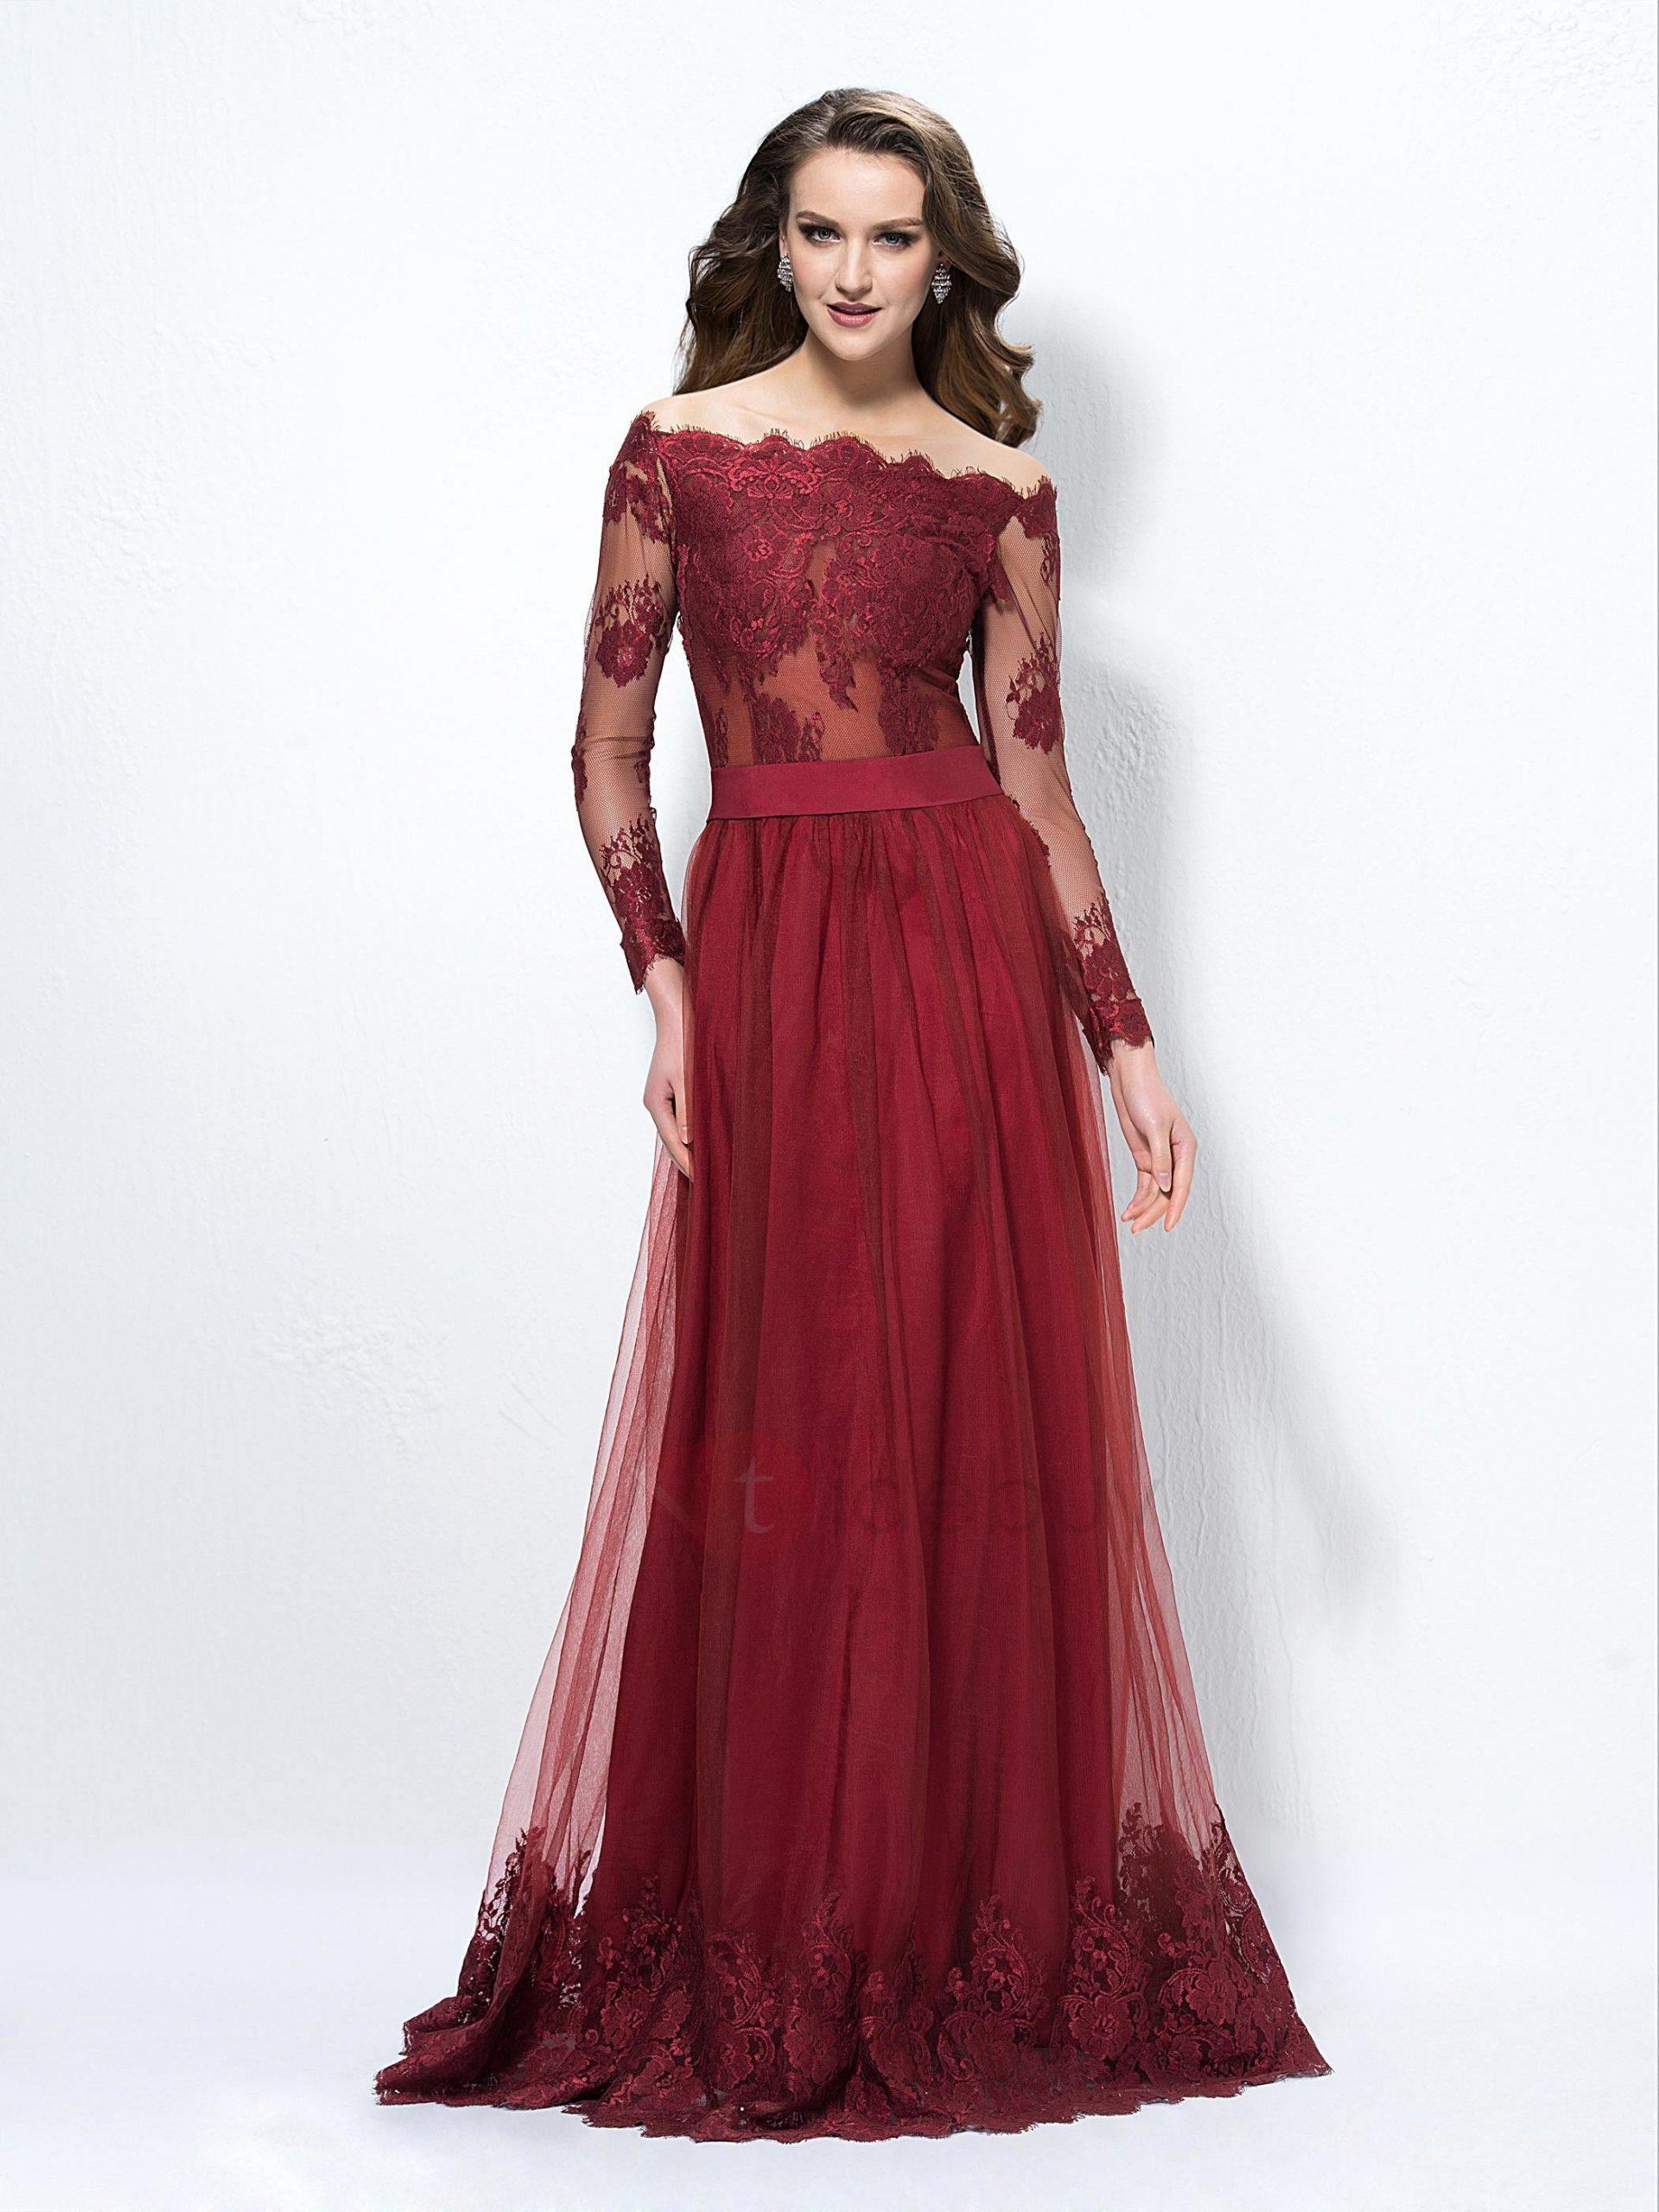 20 Elegant Abendkleid Schulterfrei Ärmel13 Ausgezeichnet Abendkleid Schulterfrei Spezialgebiet